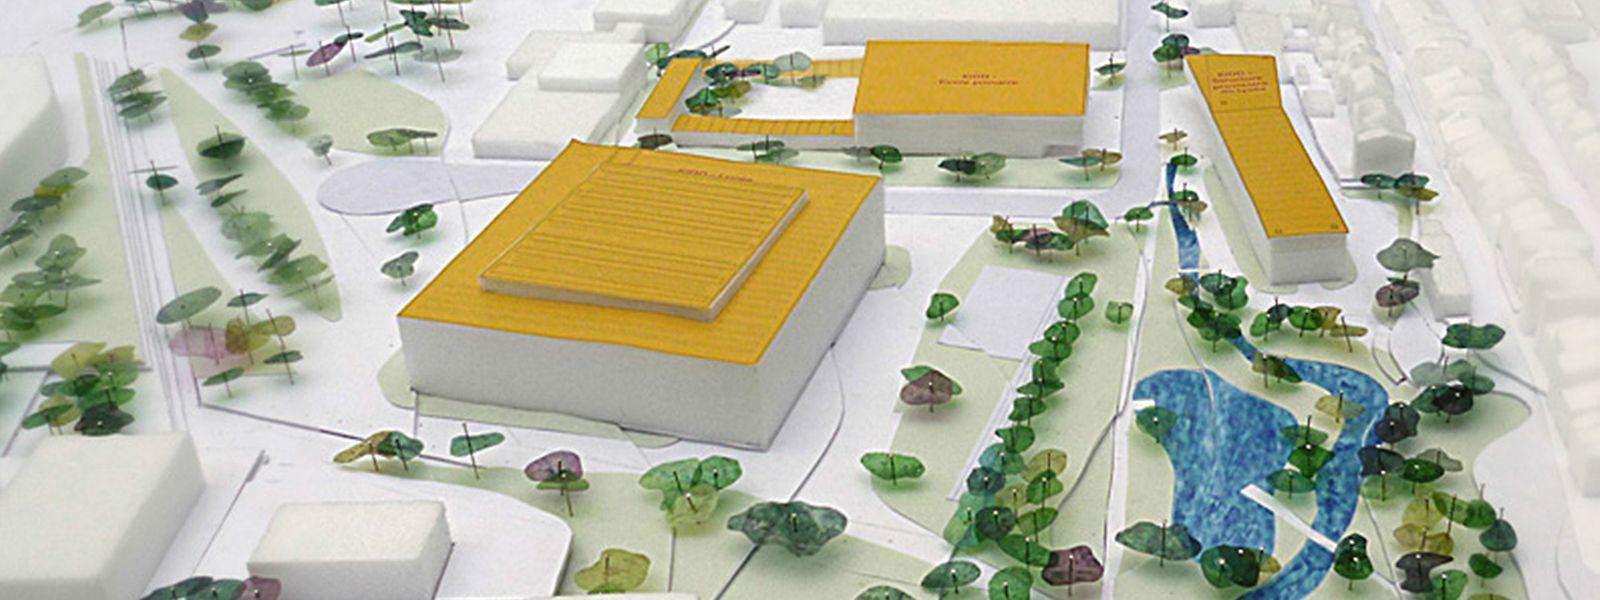 """Die Grundschule (im Hintergrund) soll 2022 eröffnen, das Lyzeum (im Vordergund) voraussichtlich 2020. Bereits in Betrieb ist das """"Bâtiment provisoire"""" (links)."""